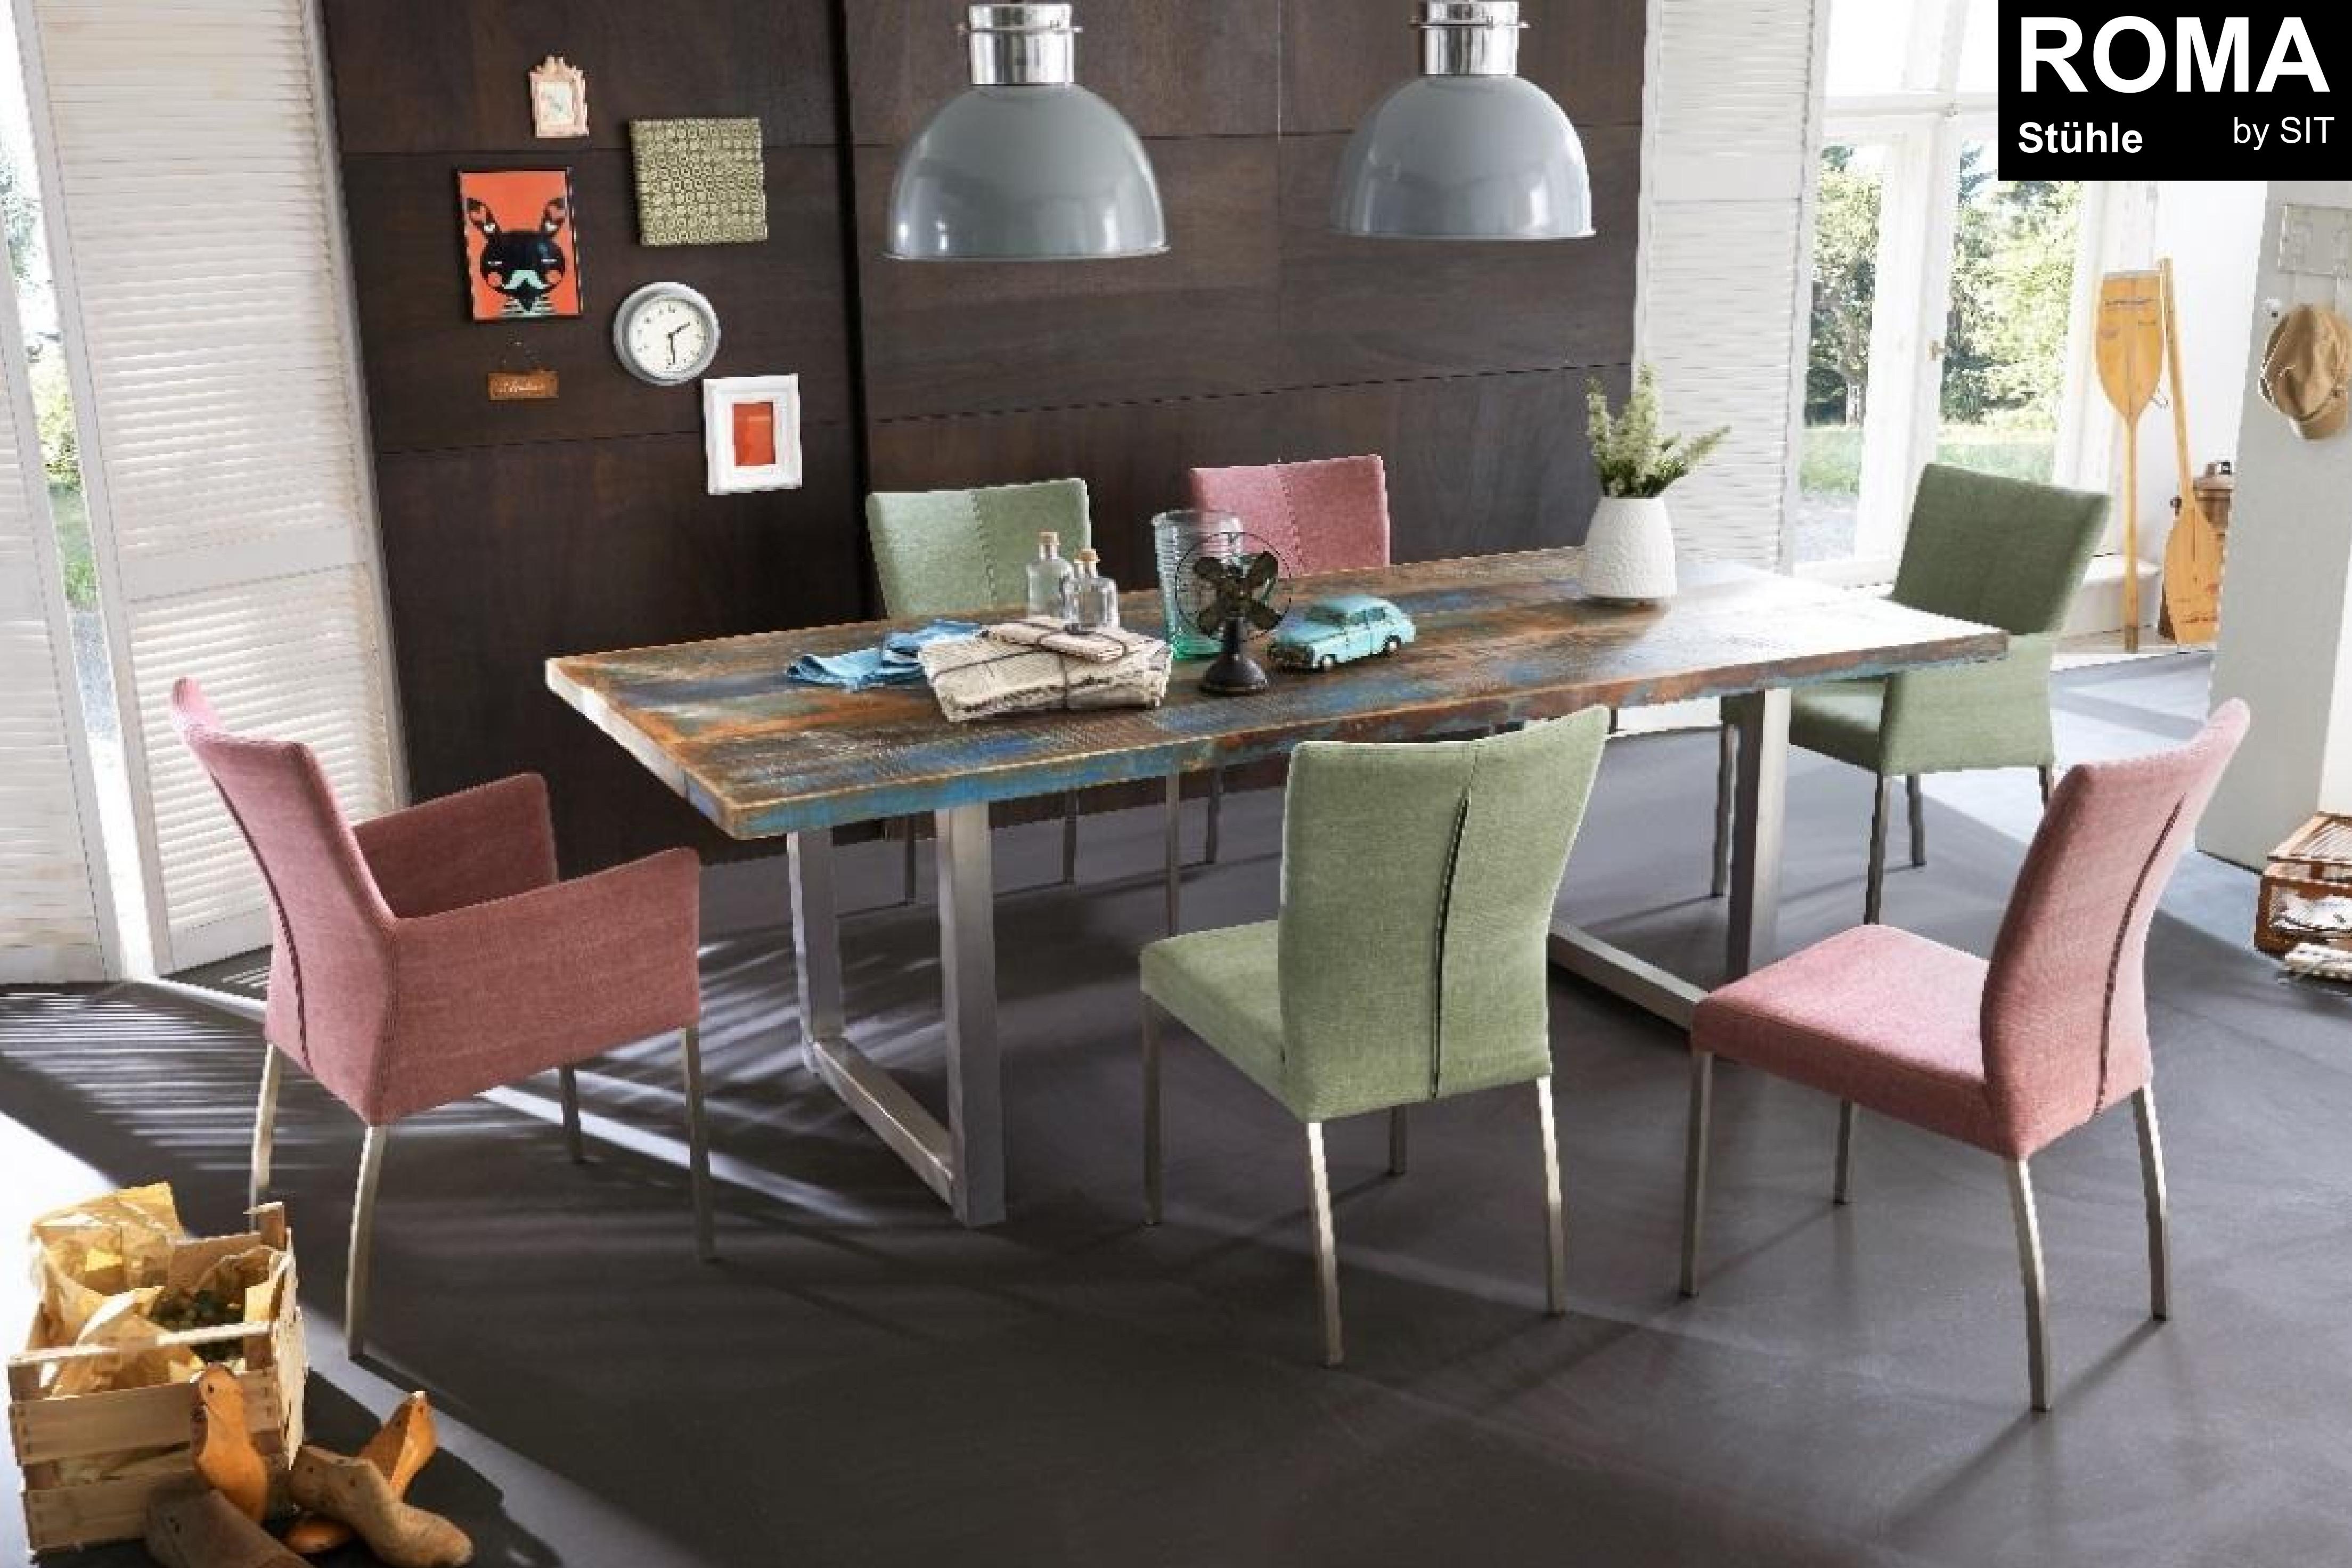 sit m bel stuhl 2401 roma 178 00. Black Bedroom Furniture Sets. Home Design Ideas